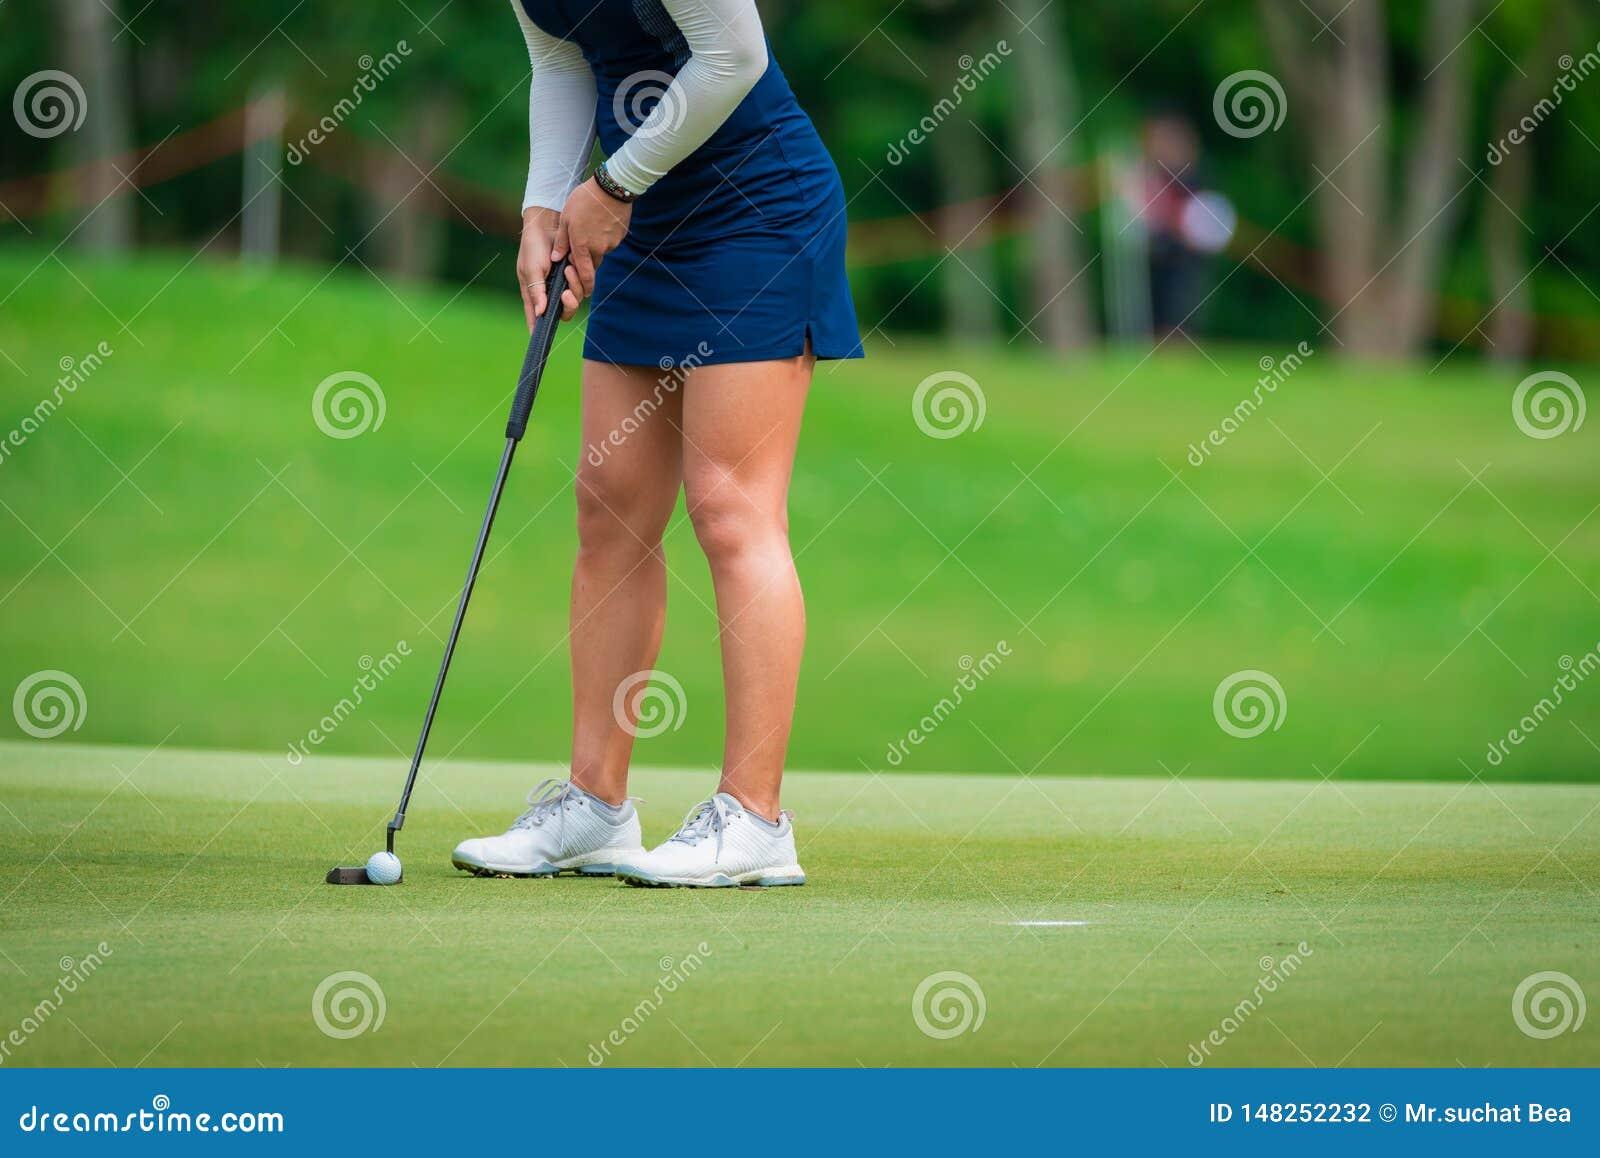 Golfaren teeing av golfboll av golfklubben från leken för utslagsplatsgolfkonkurrens